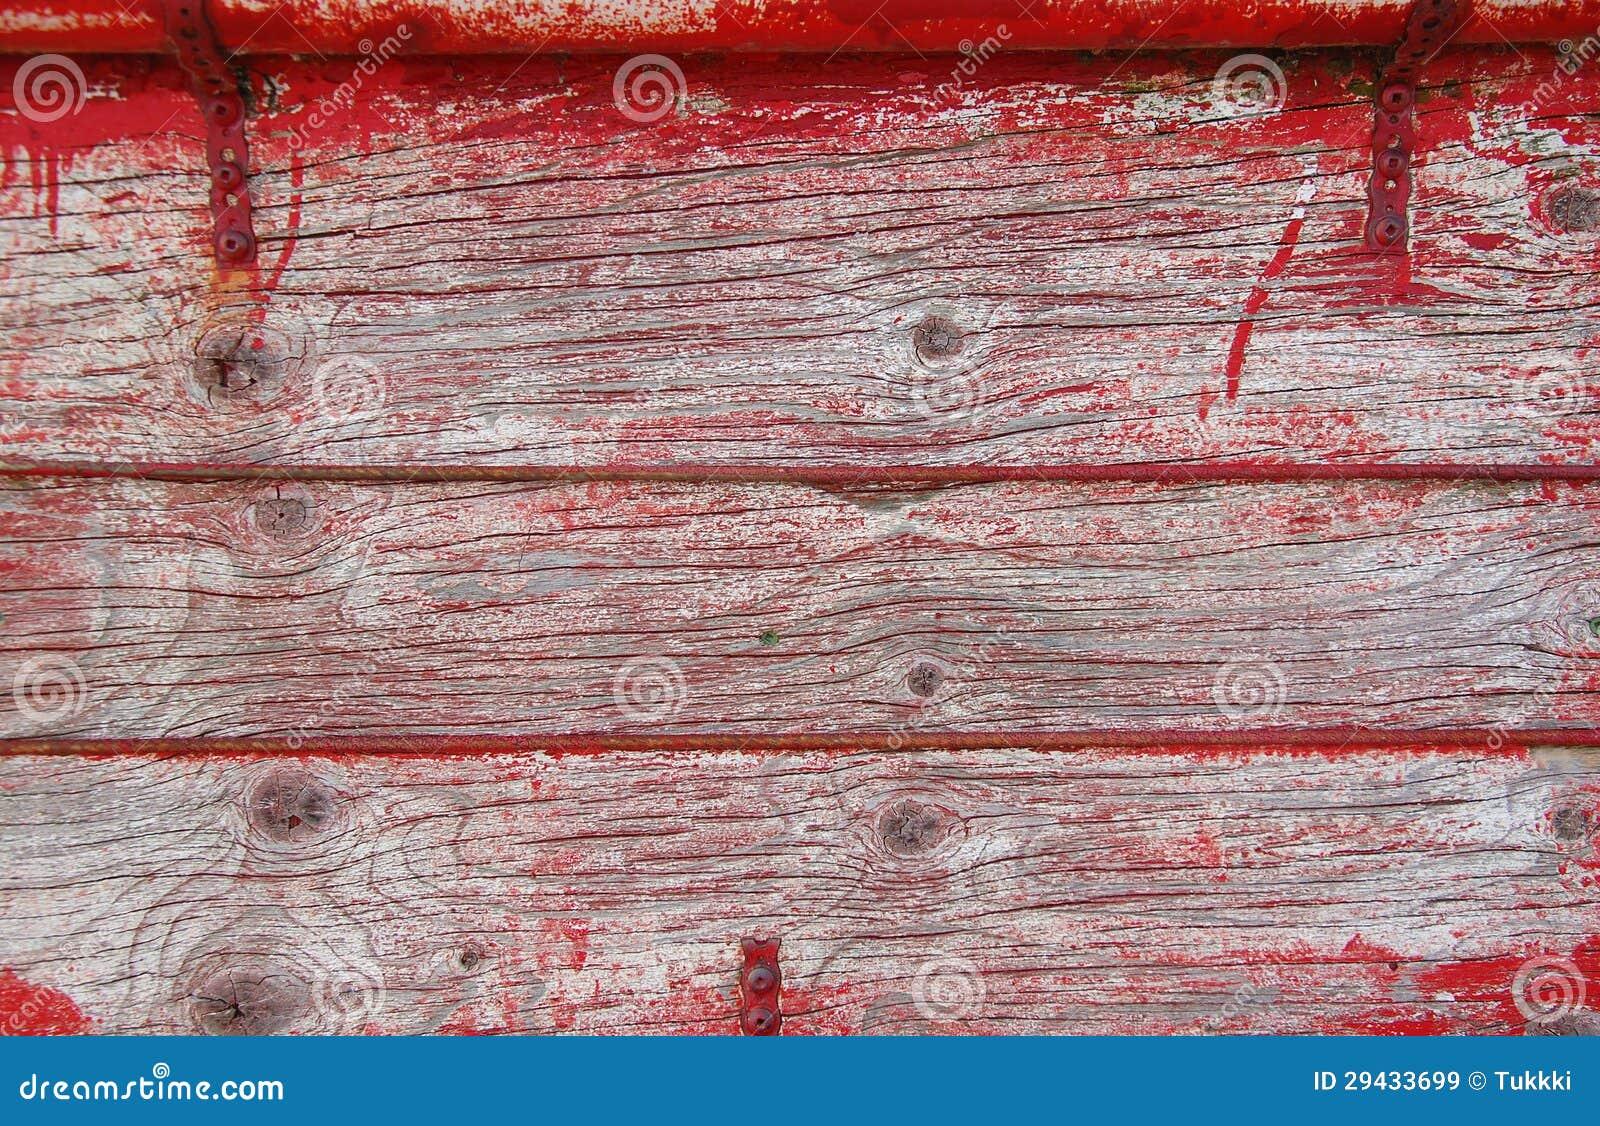 Vieilles planches en bois avec des traces de peinture rouge images libres de - Vieille planche bois ...